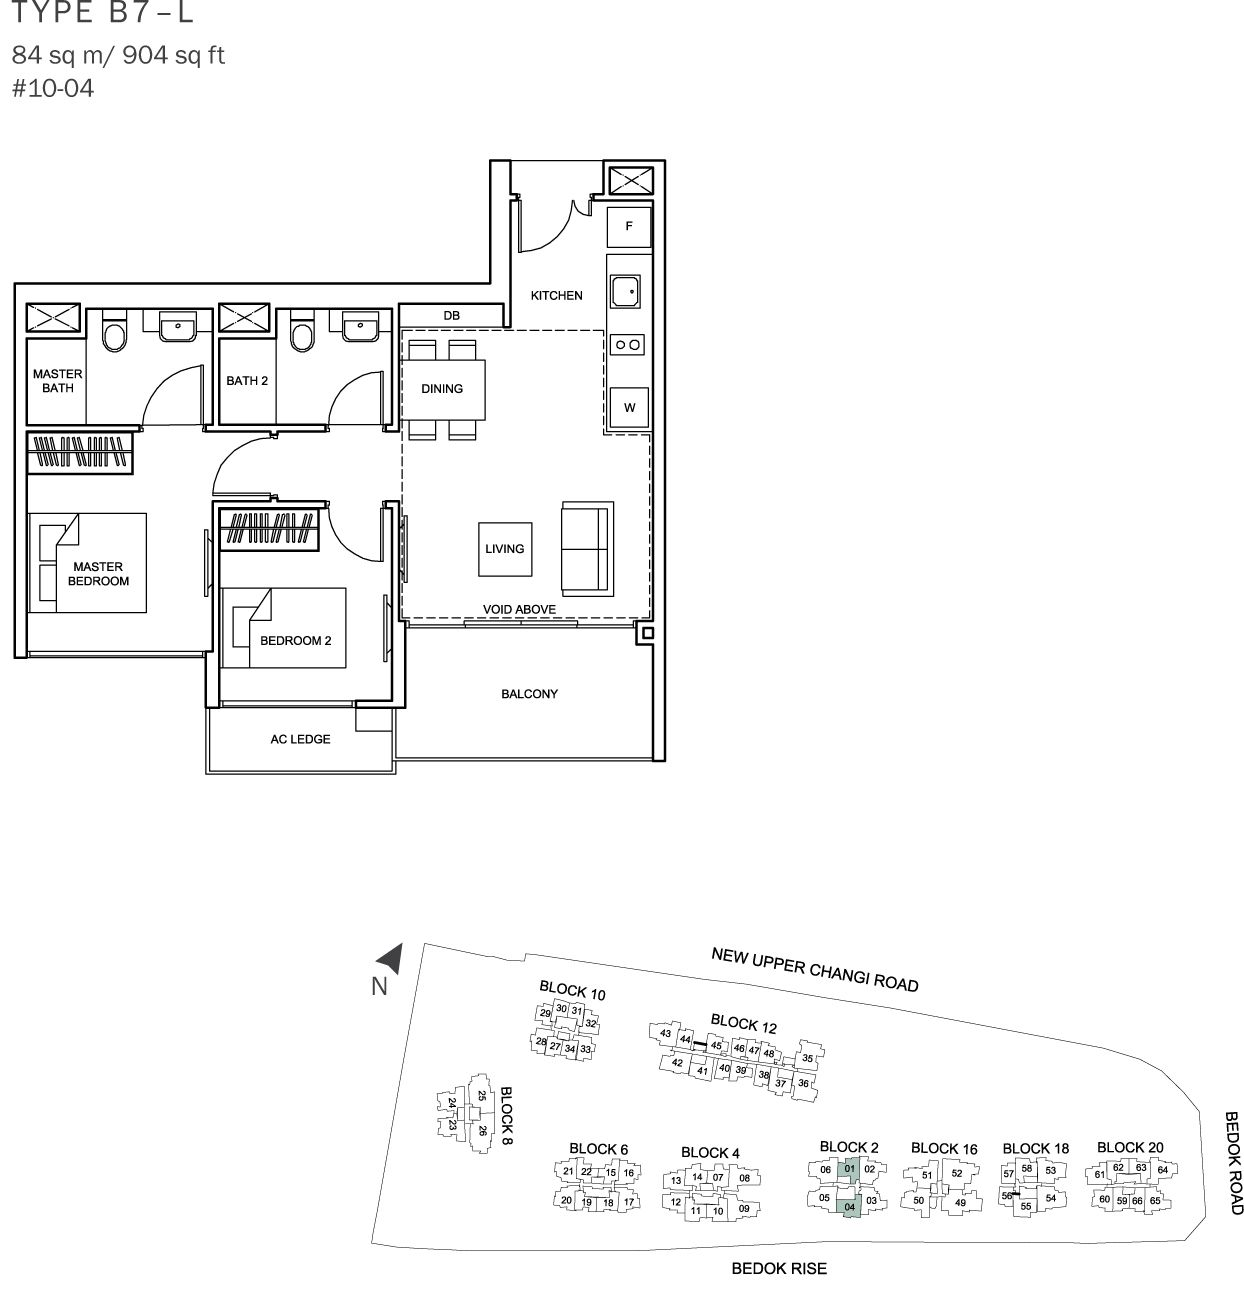 The Glades Condo Floor Plan 2br Loft B7 L 84 Sqm 904 Sqft Condo Floor Plans Property Guide Condo